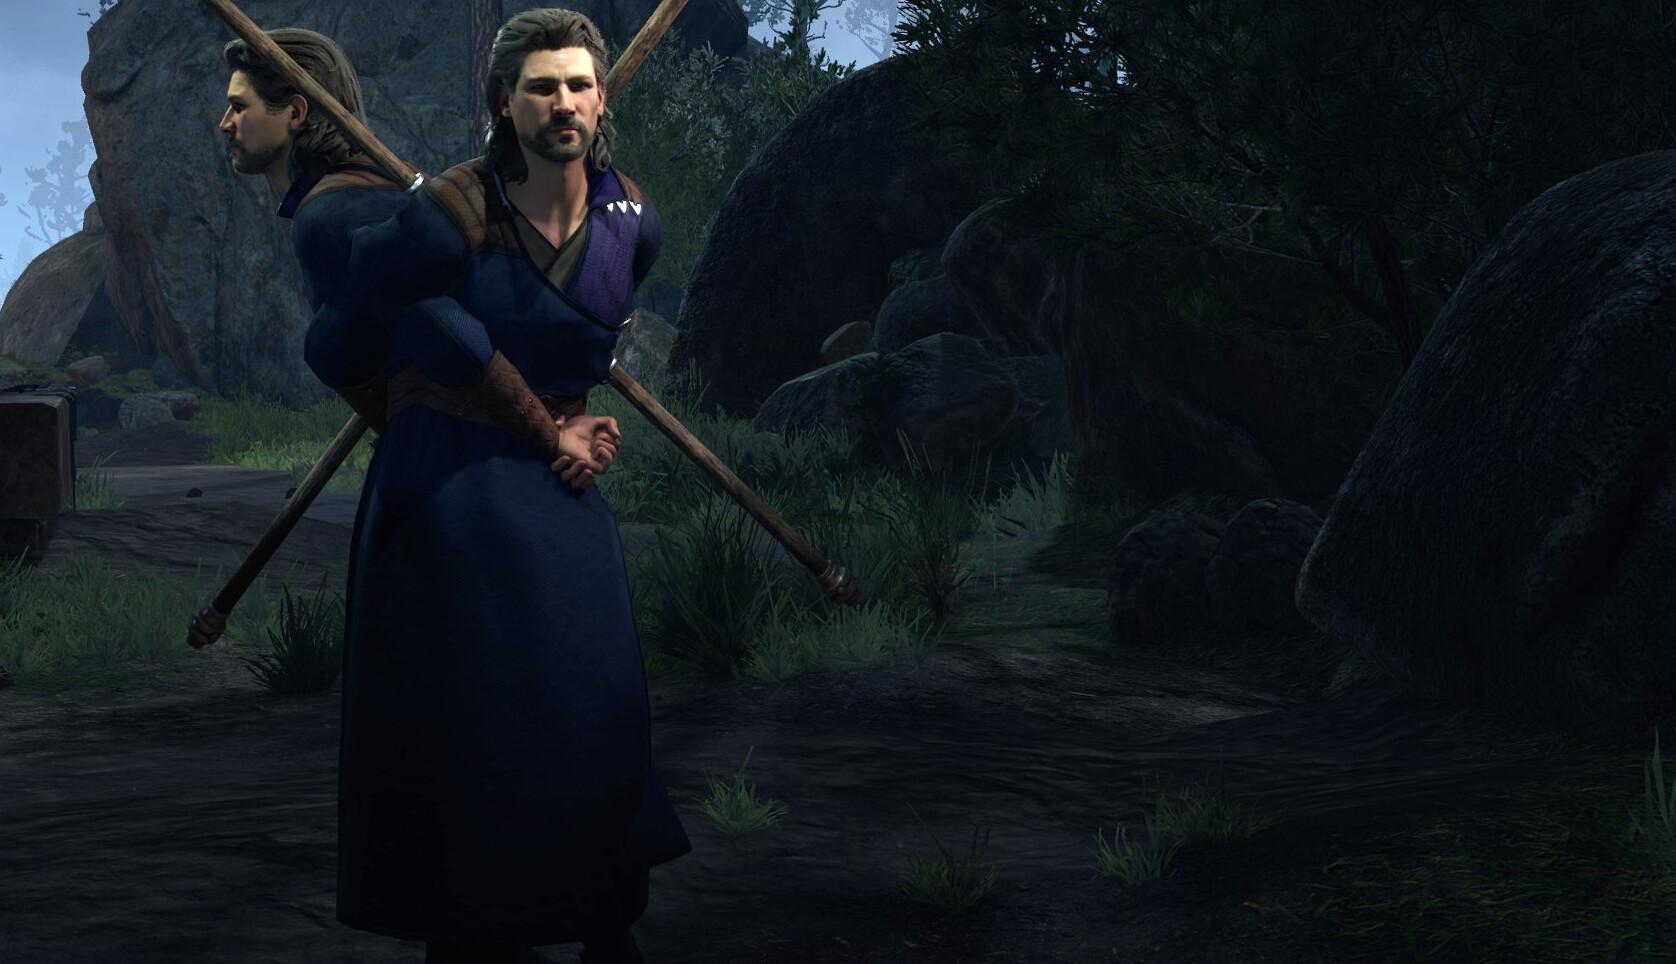 Один из самых частых багов в ранней версии Baldur's Gate 3